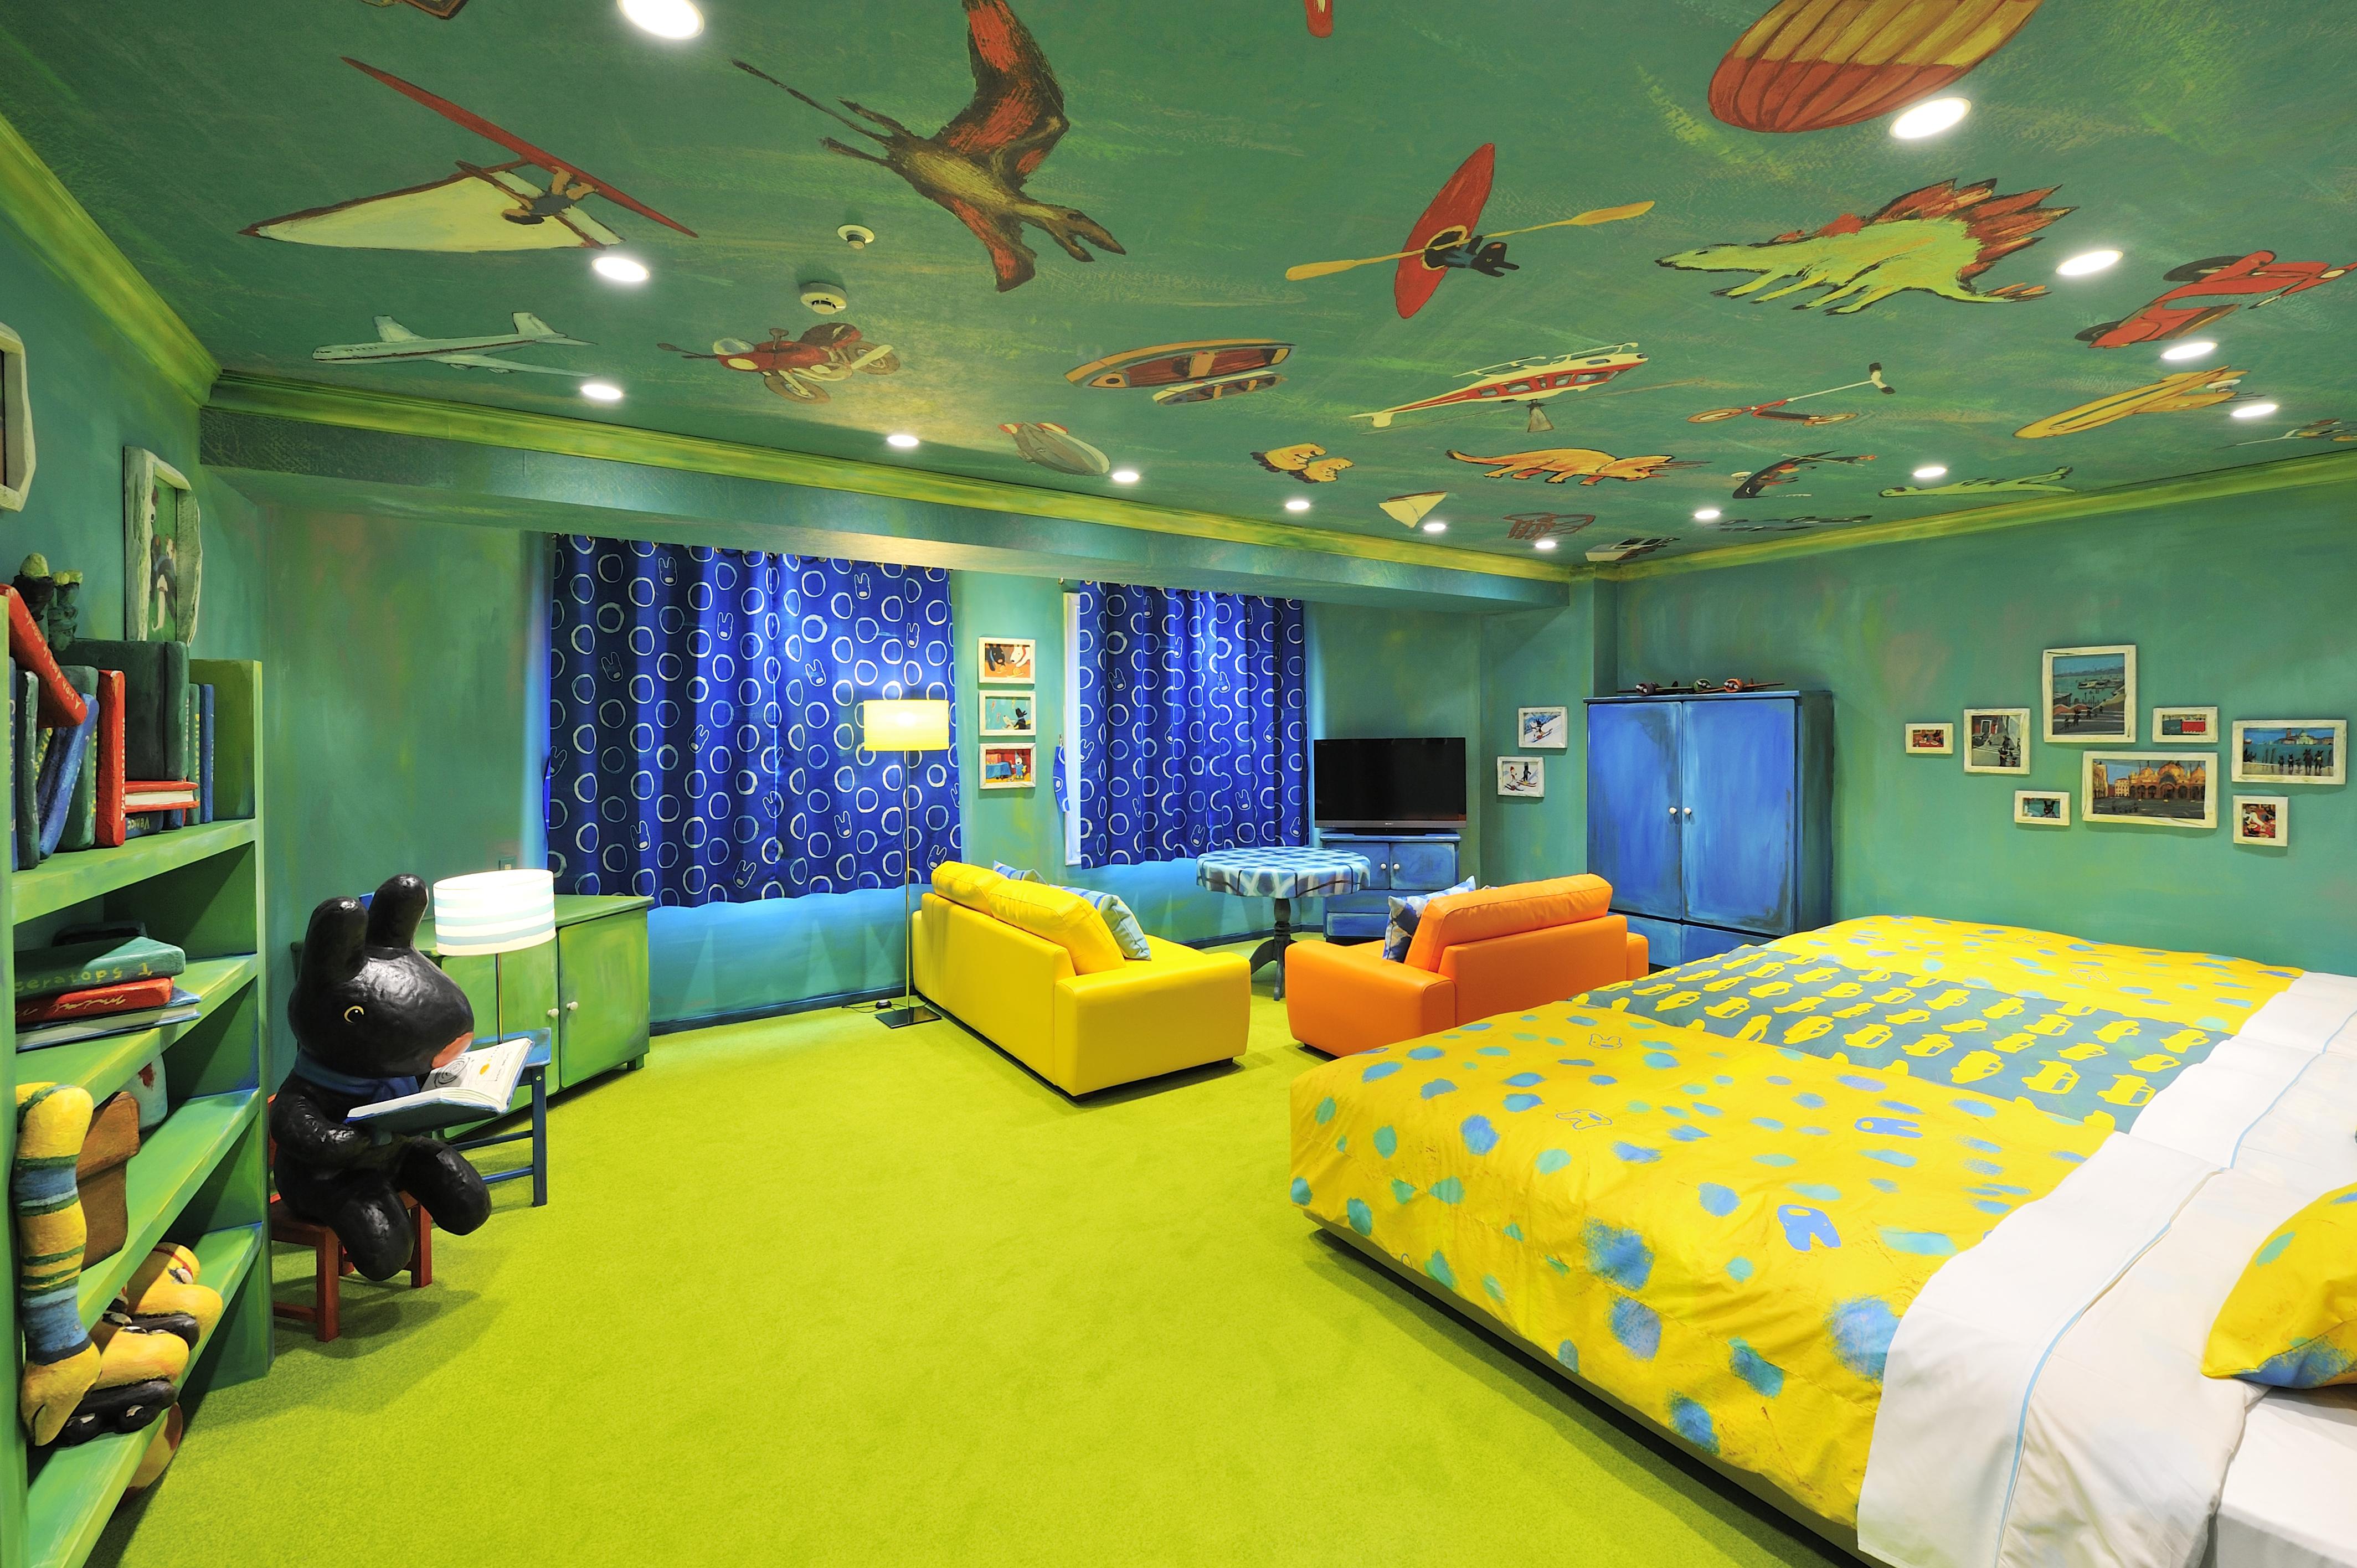 ハイランドリゾート ホテル&スパ「リサとガスパールルーム」